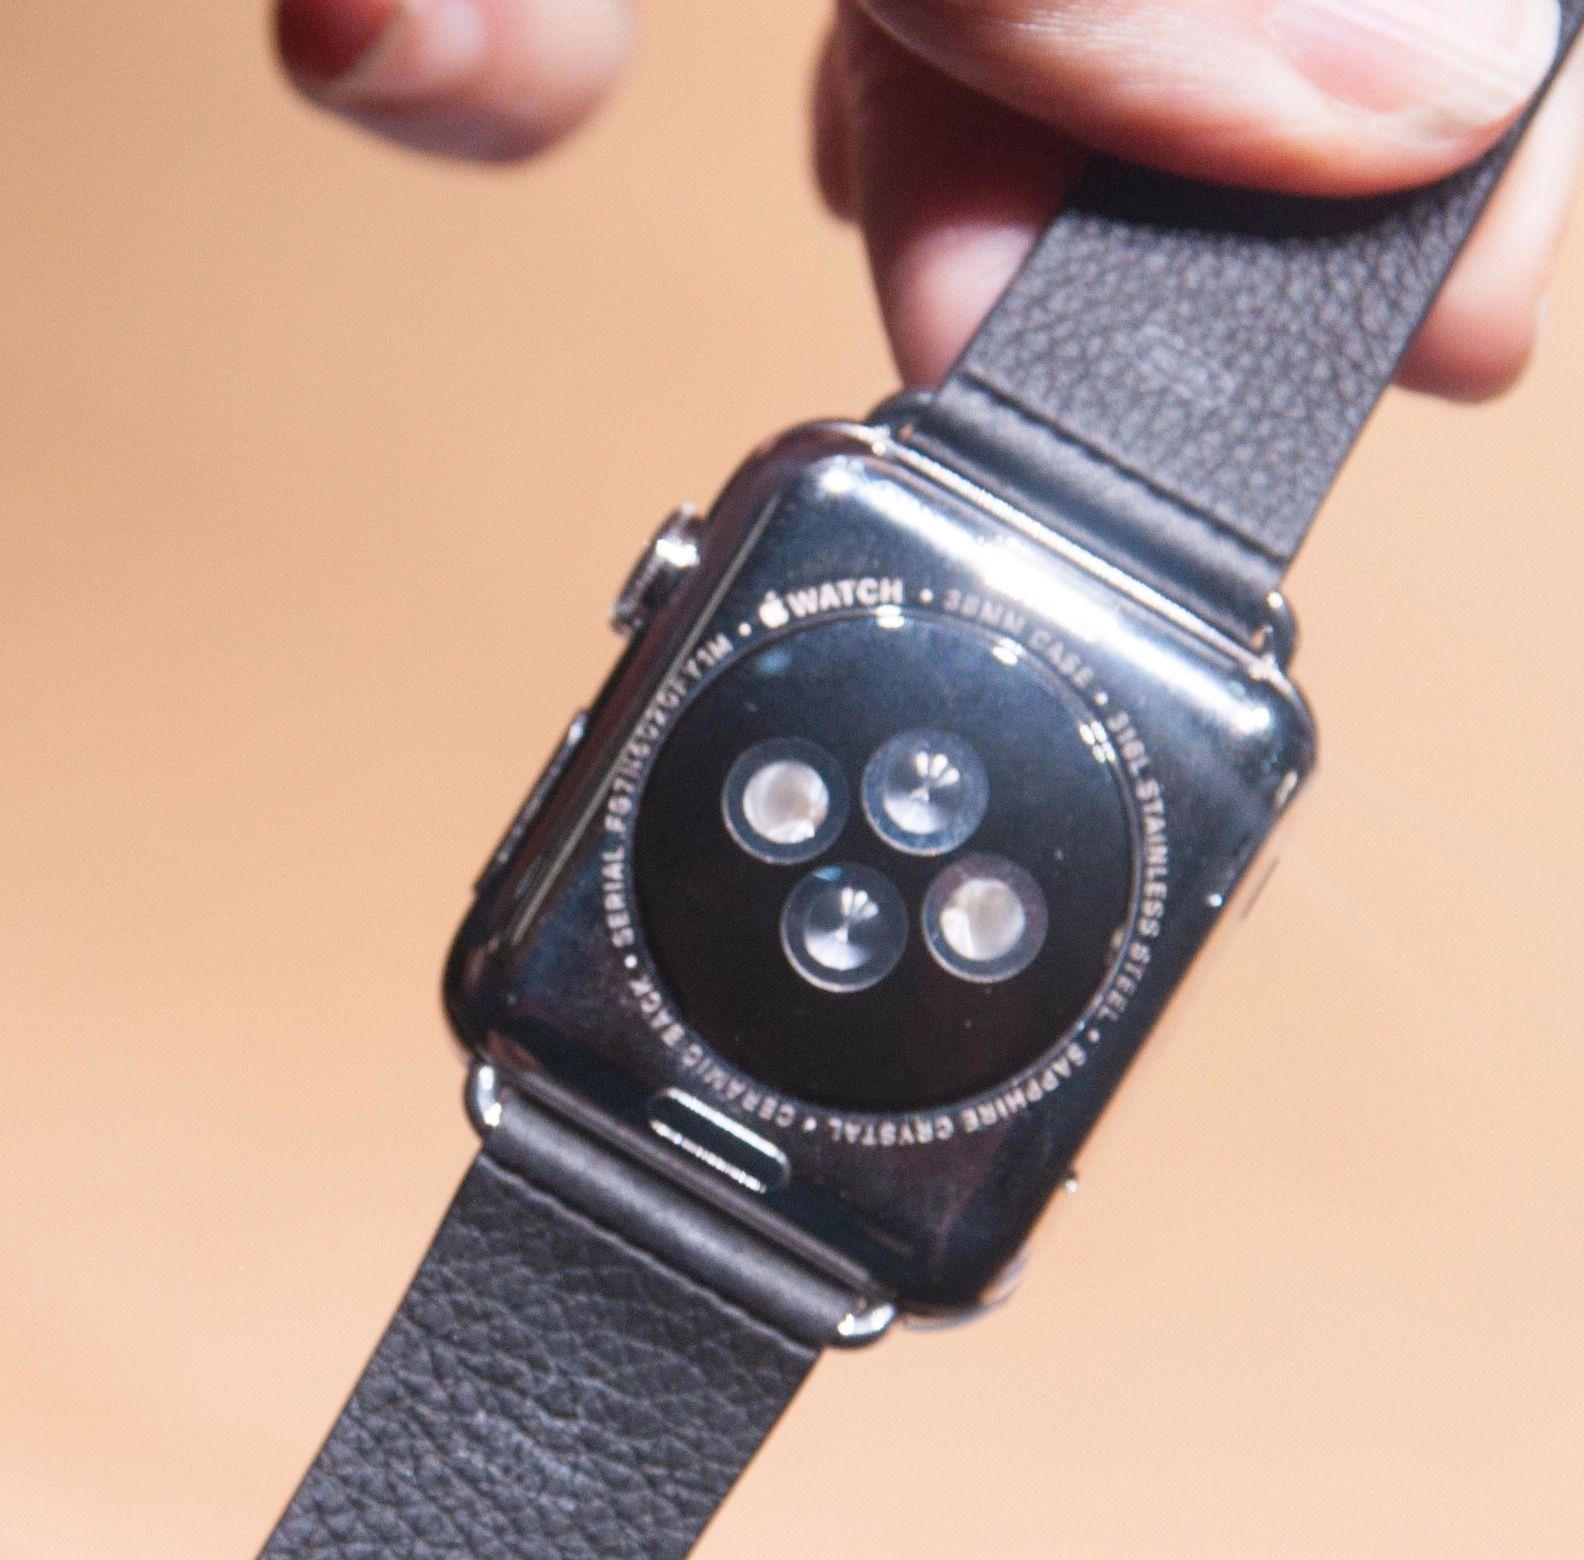 På undersiden har klokken pulssensor som brukes i kombinasjon med treningsappen Apple har laget. Den kan også fôre tredjeparts treningsapper.Foto: Finn Jarle Kvalheim, Amobil.no